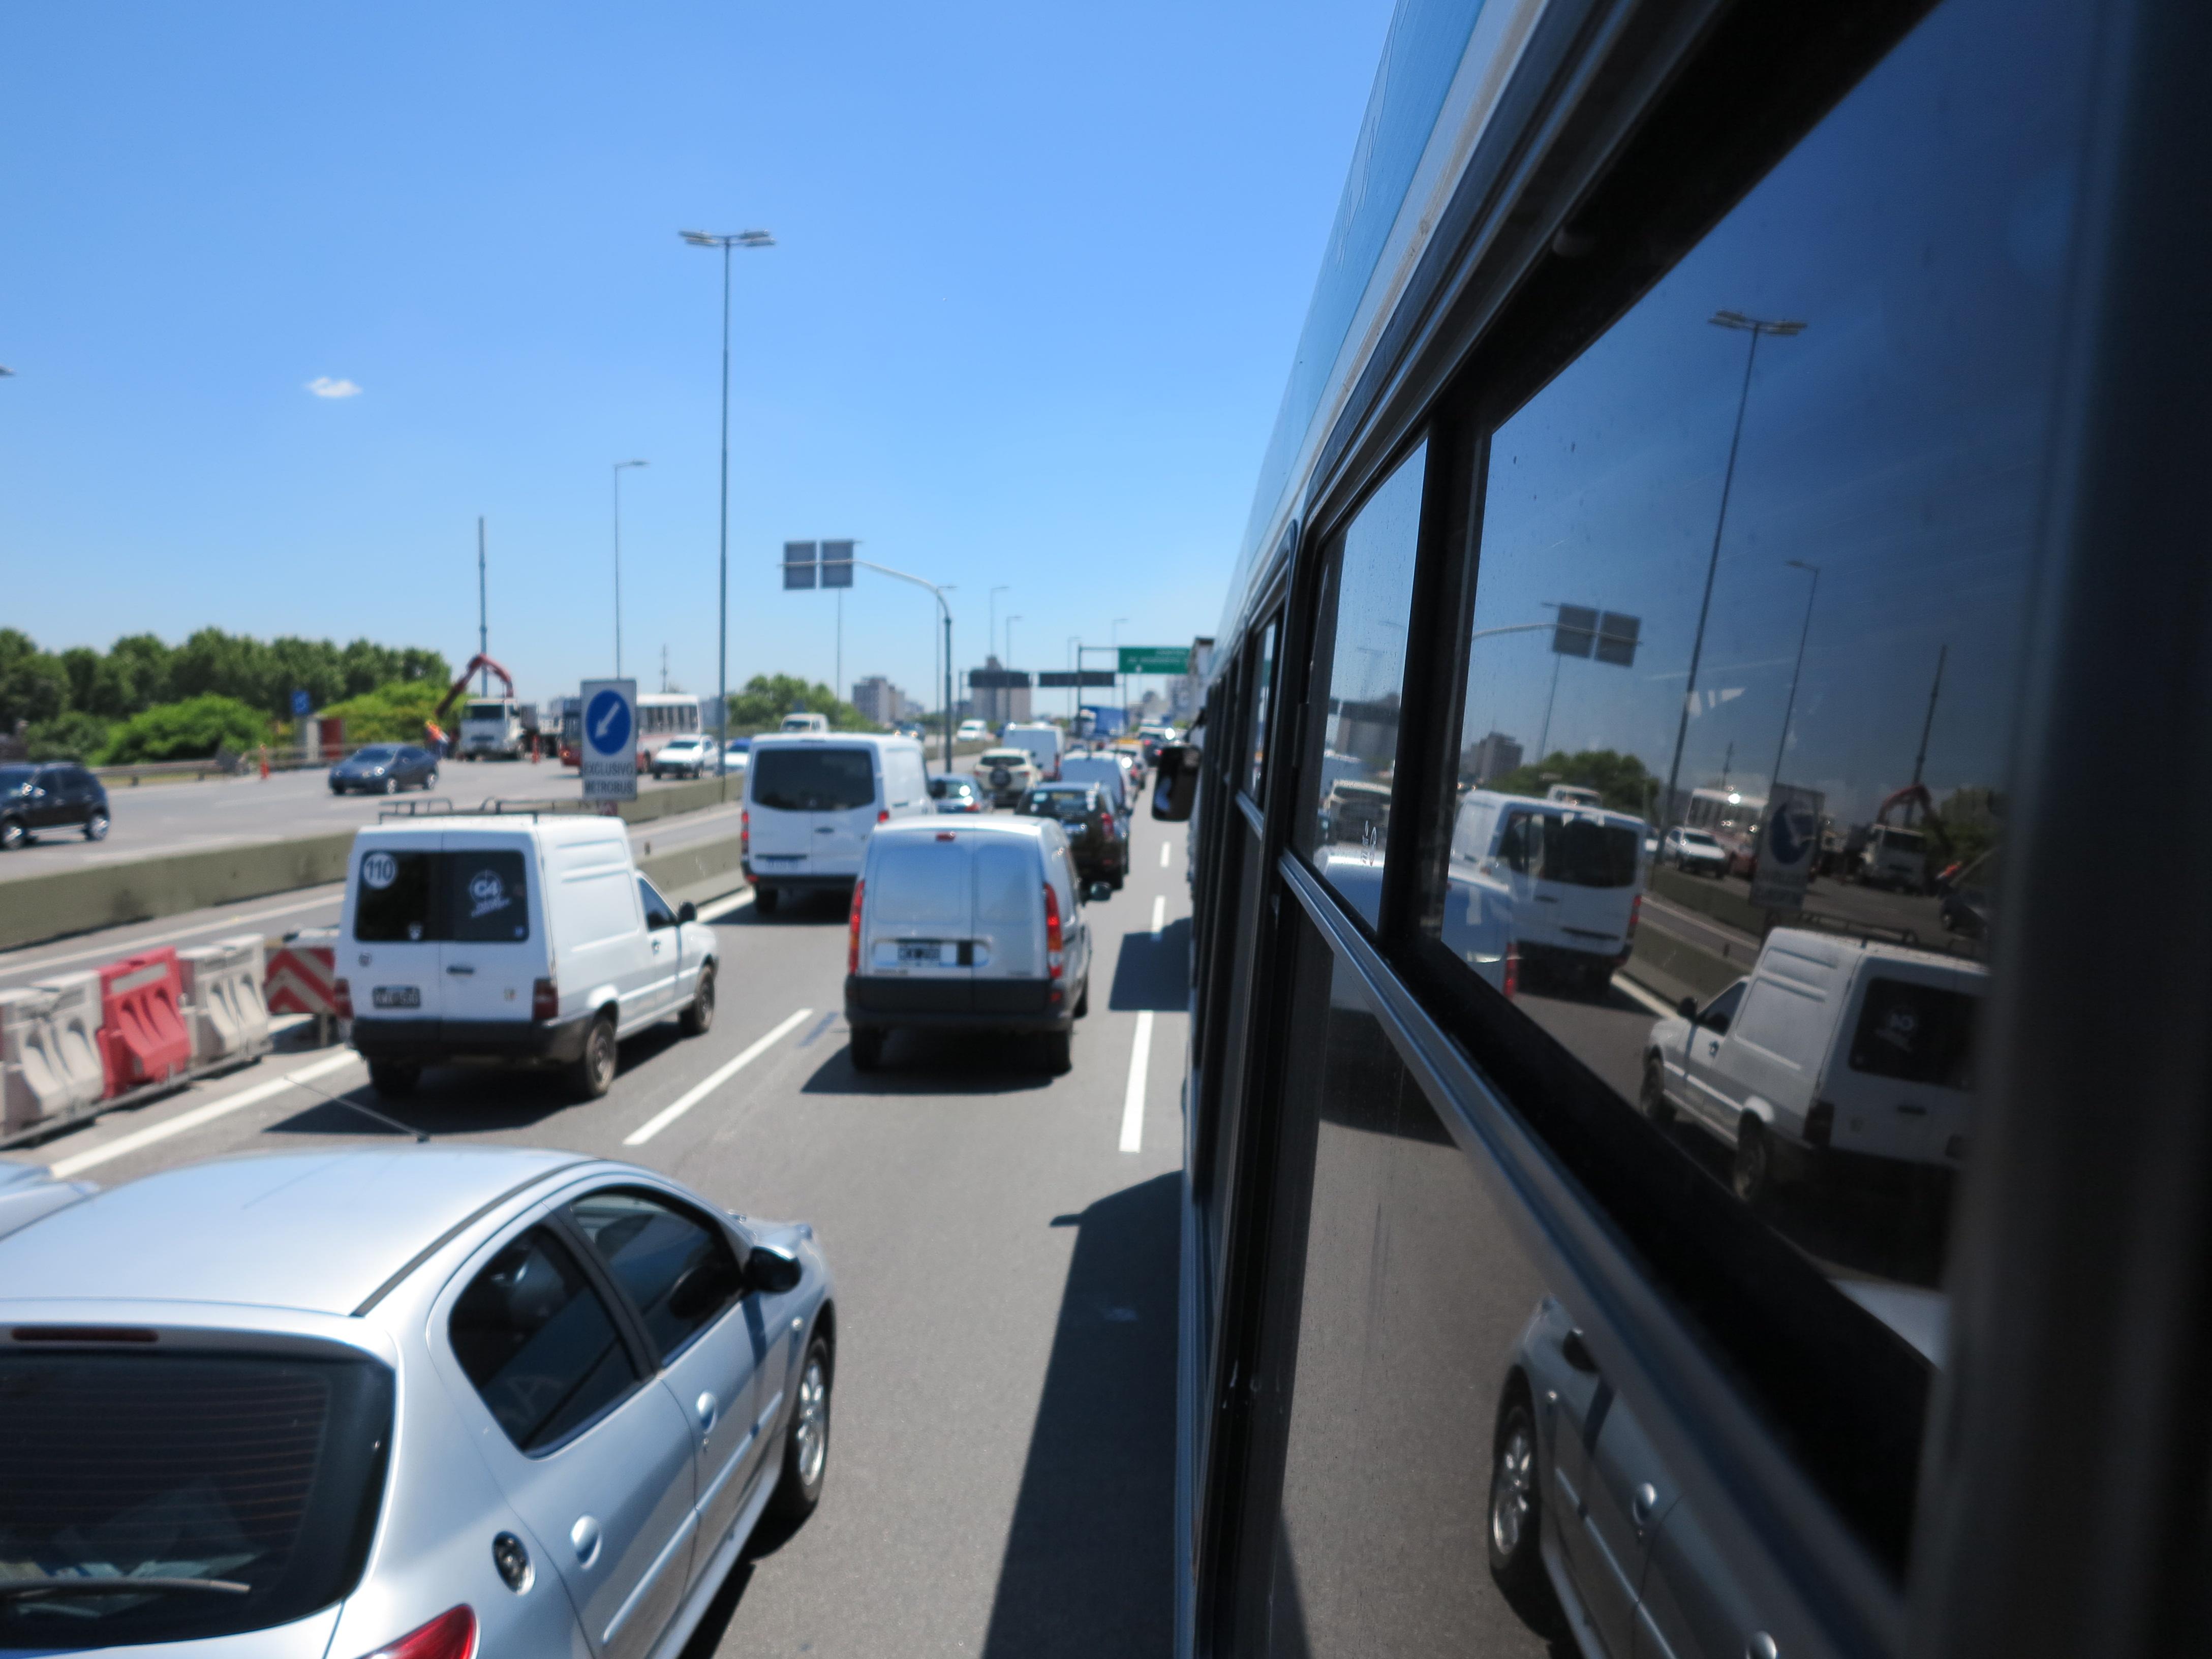 29.11.16 Busfahrt in die Stadt